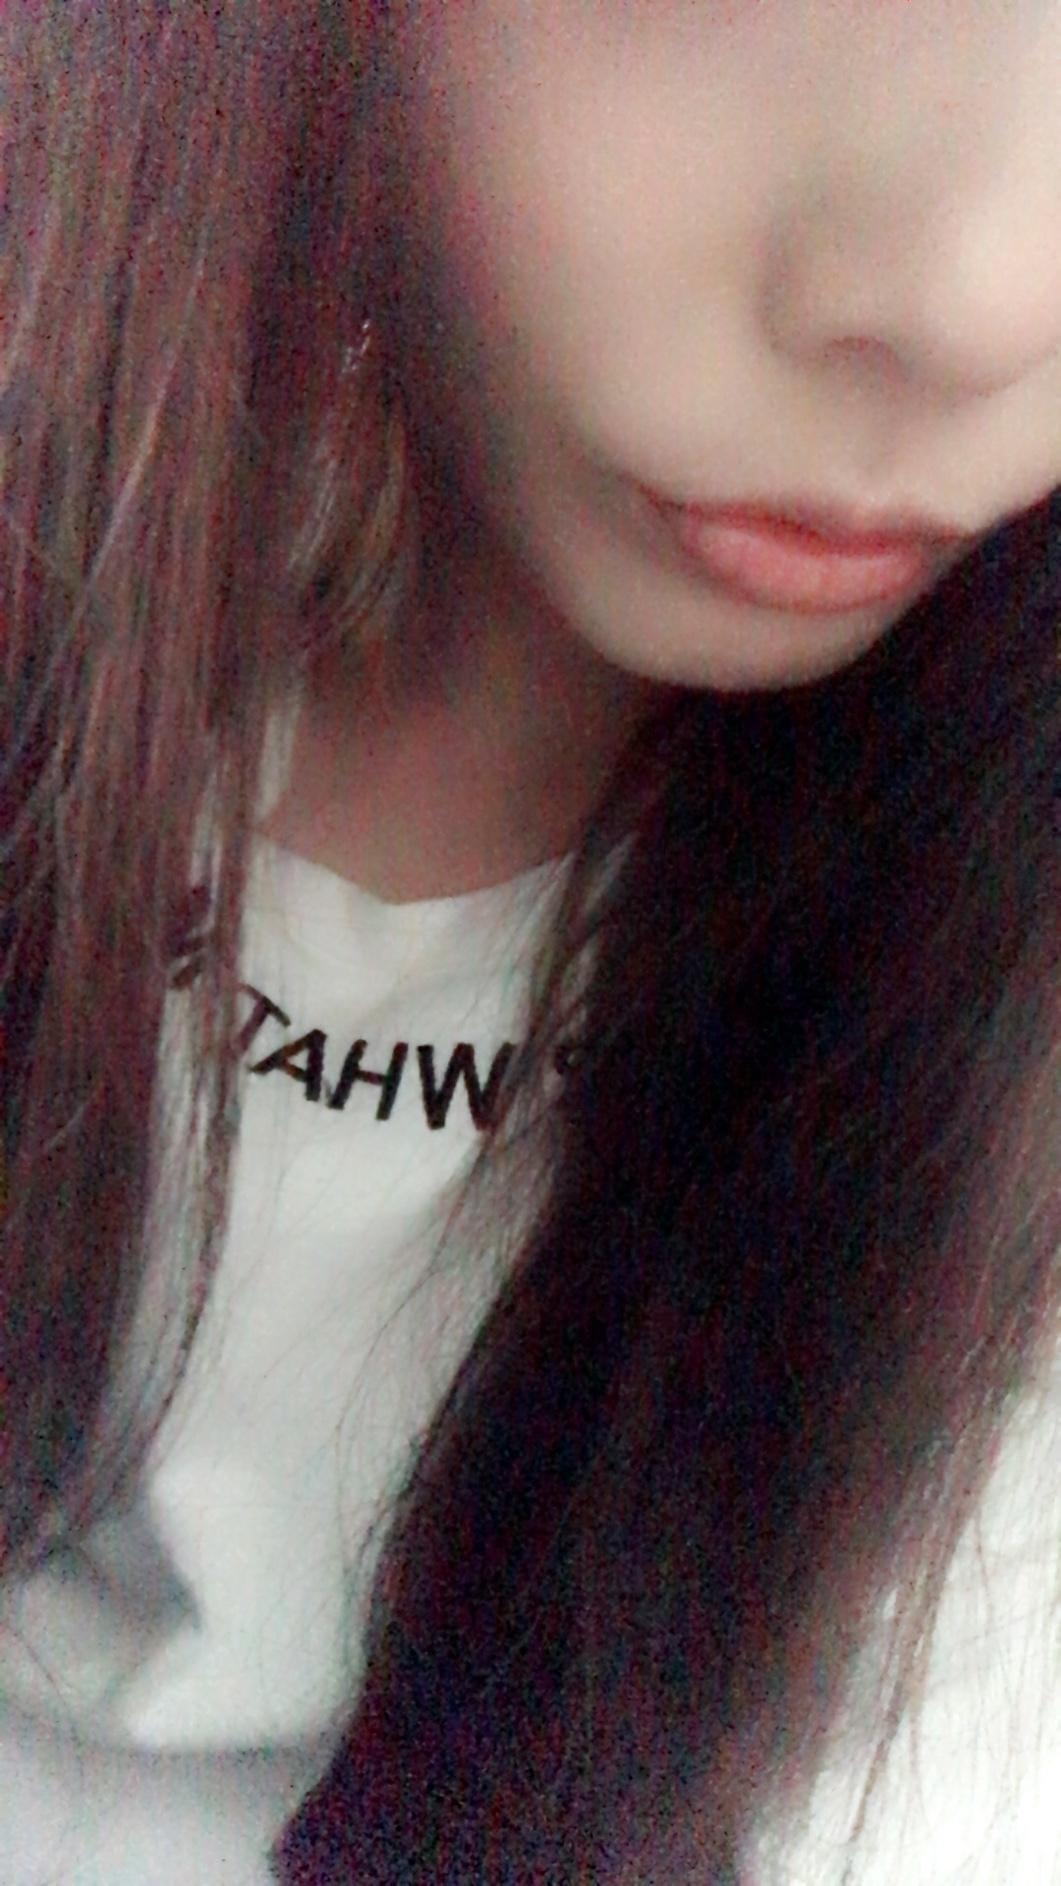 ありな「Yさんへ!お礼!」06/18(月) 23:39 | ありなの写メ・風俗動画